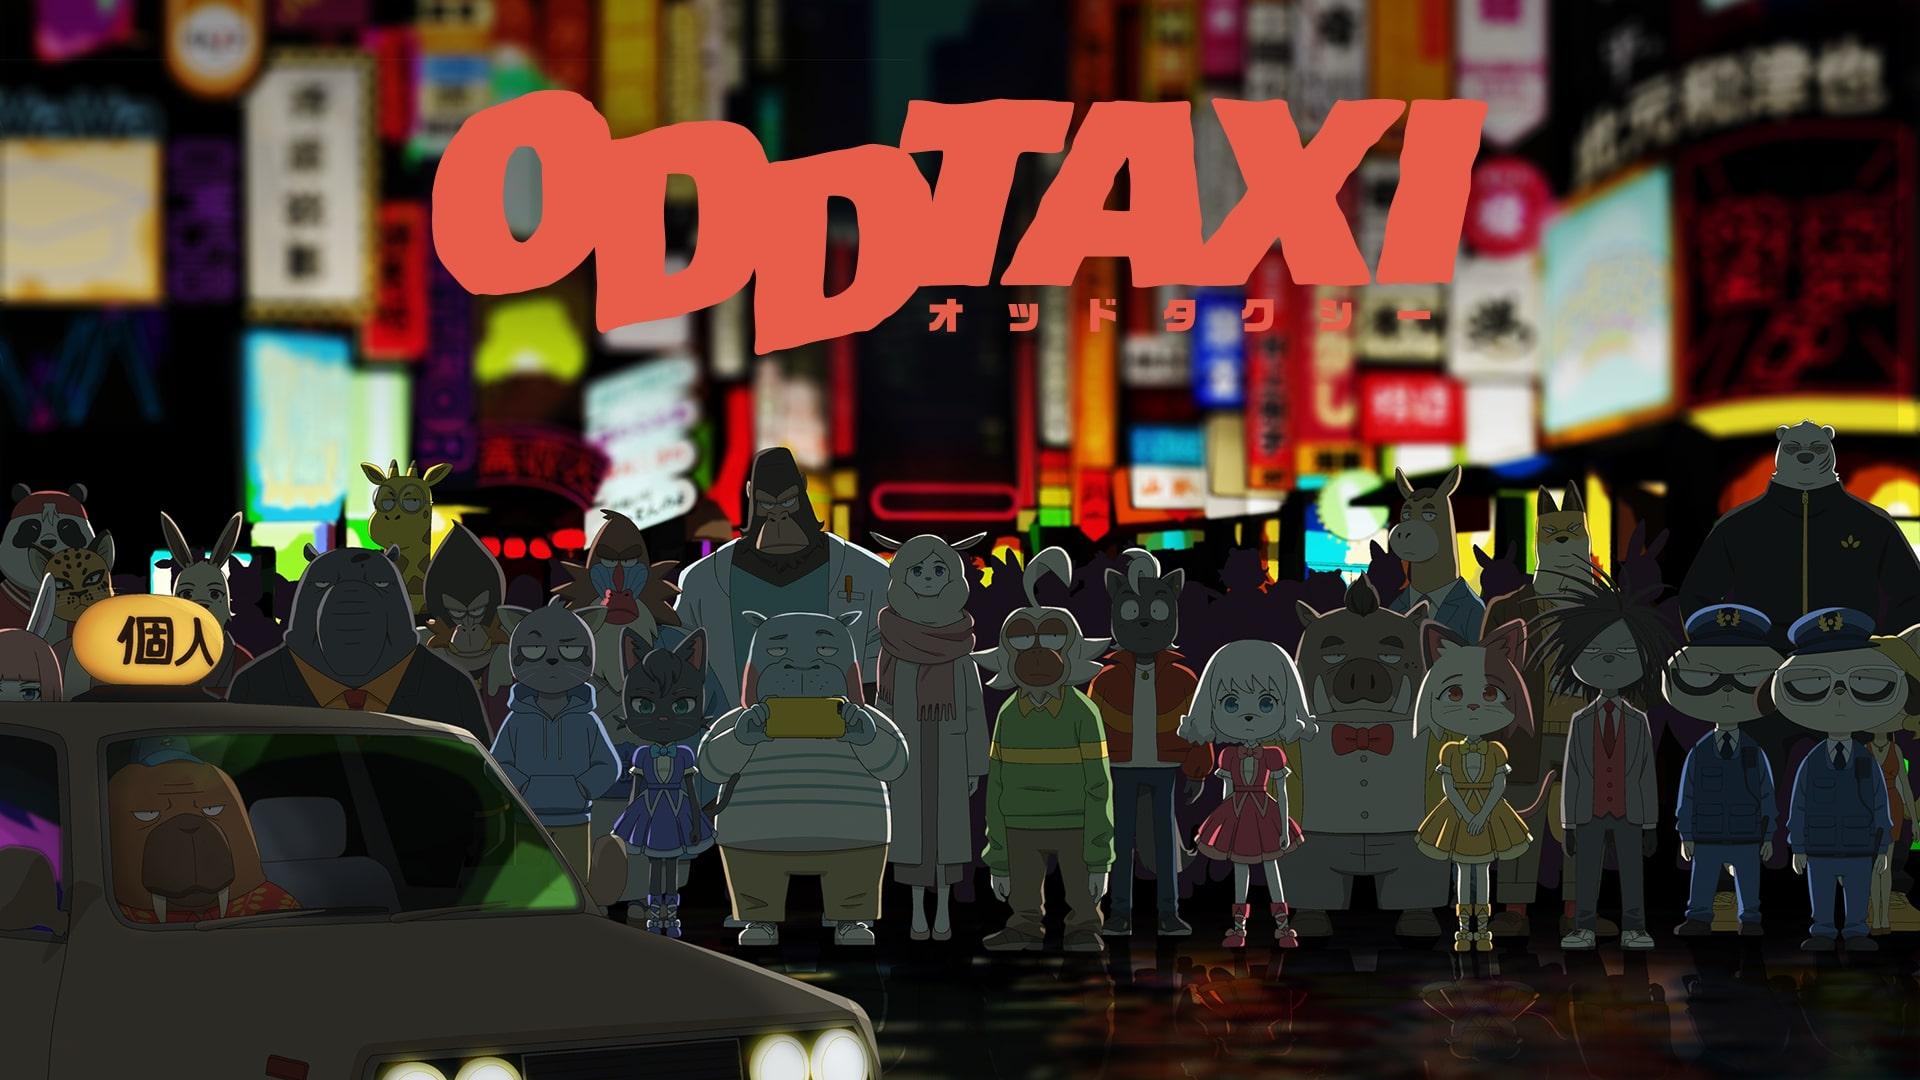 オッドタクシー